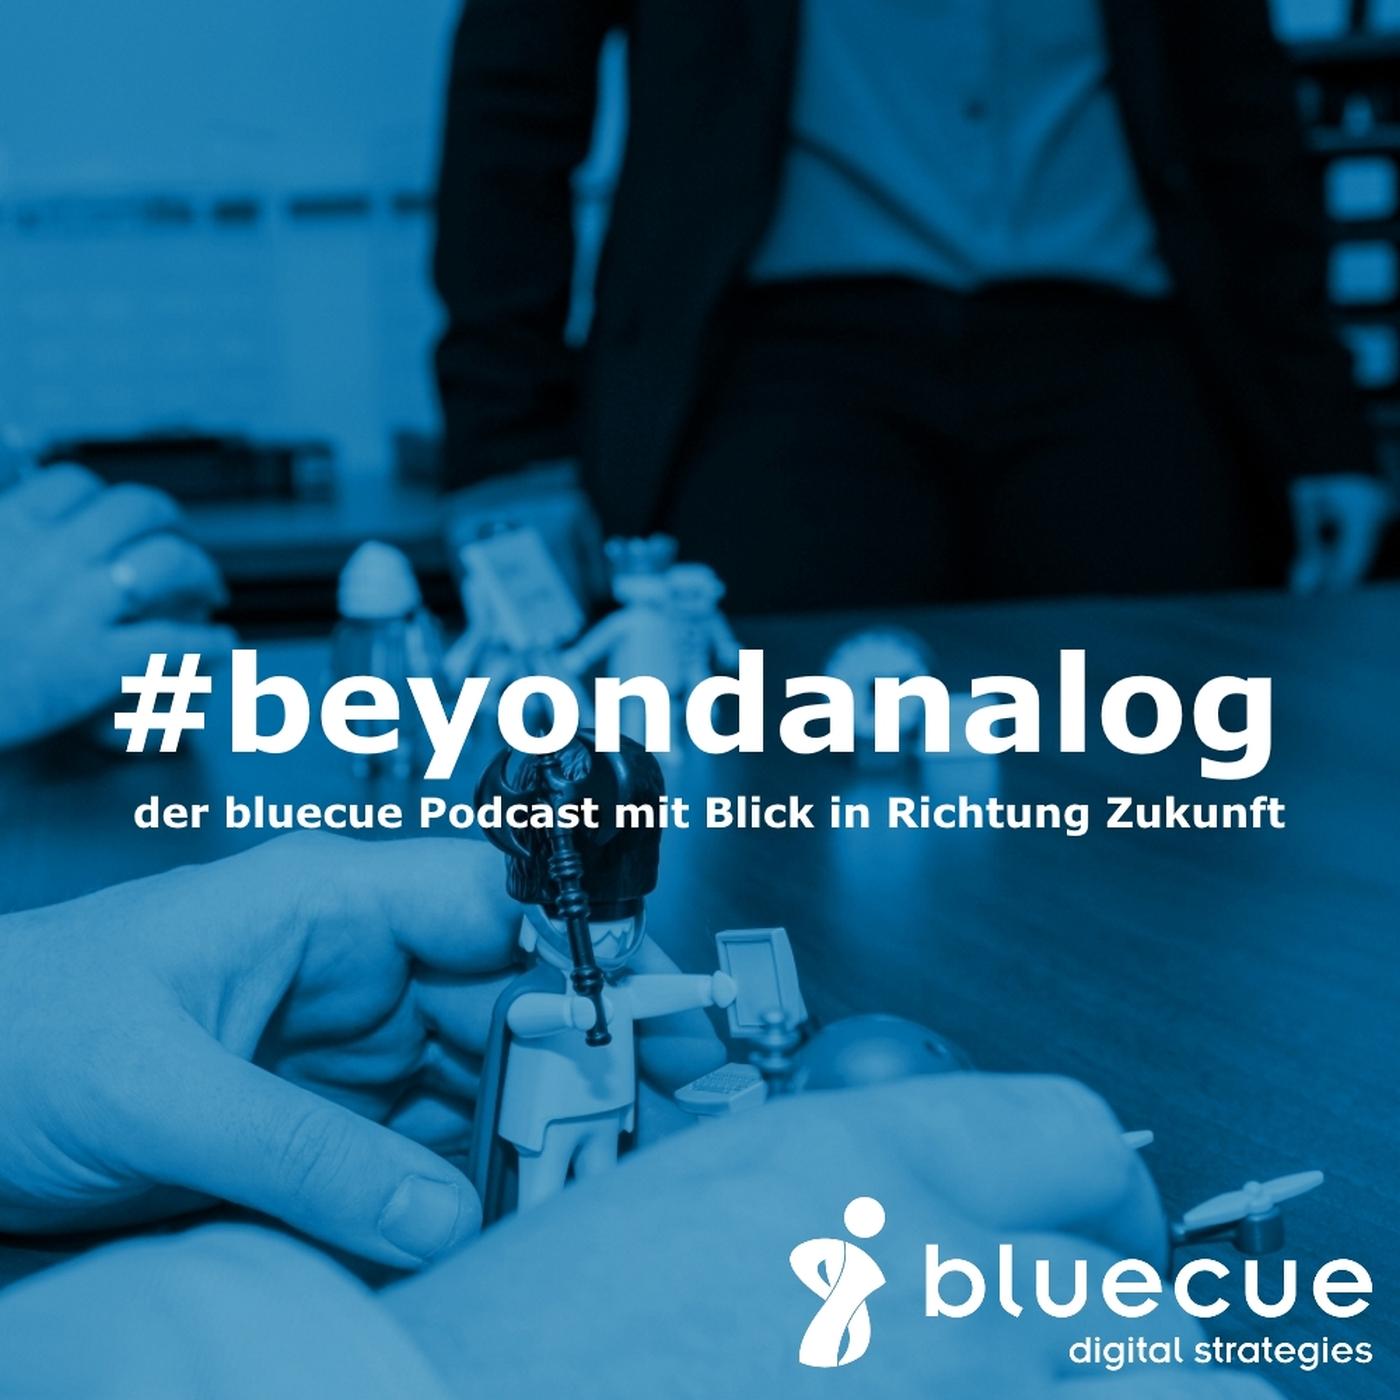 #beyondanalog